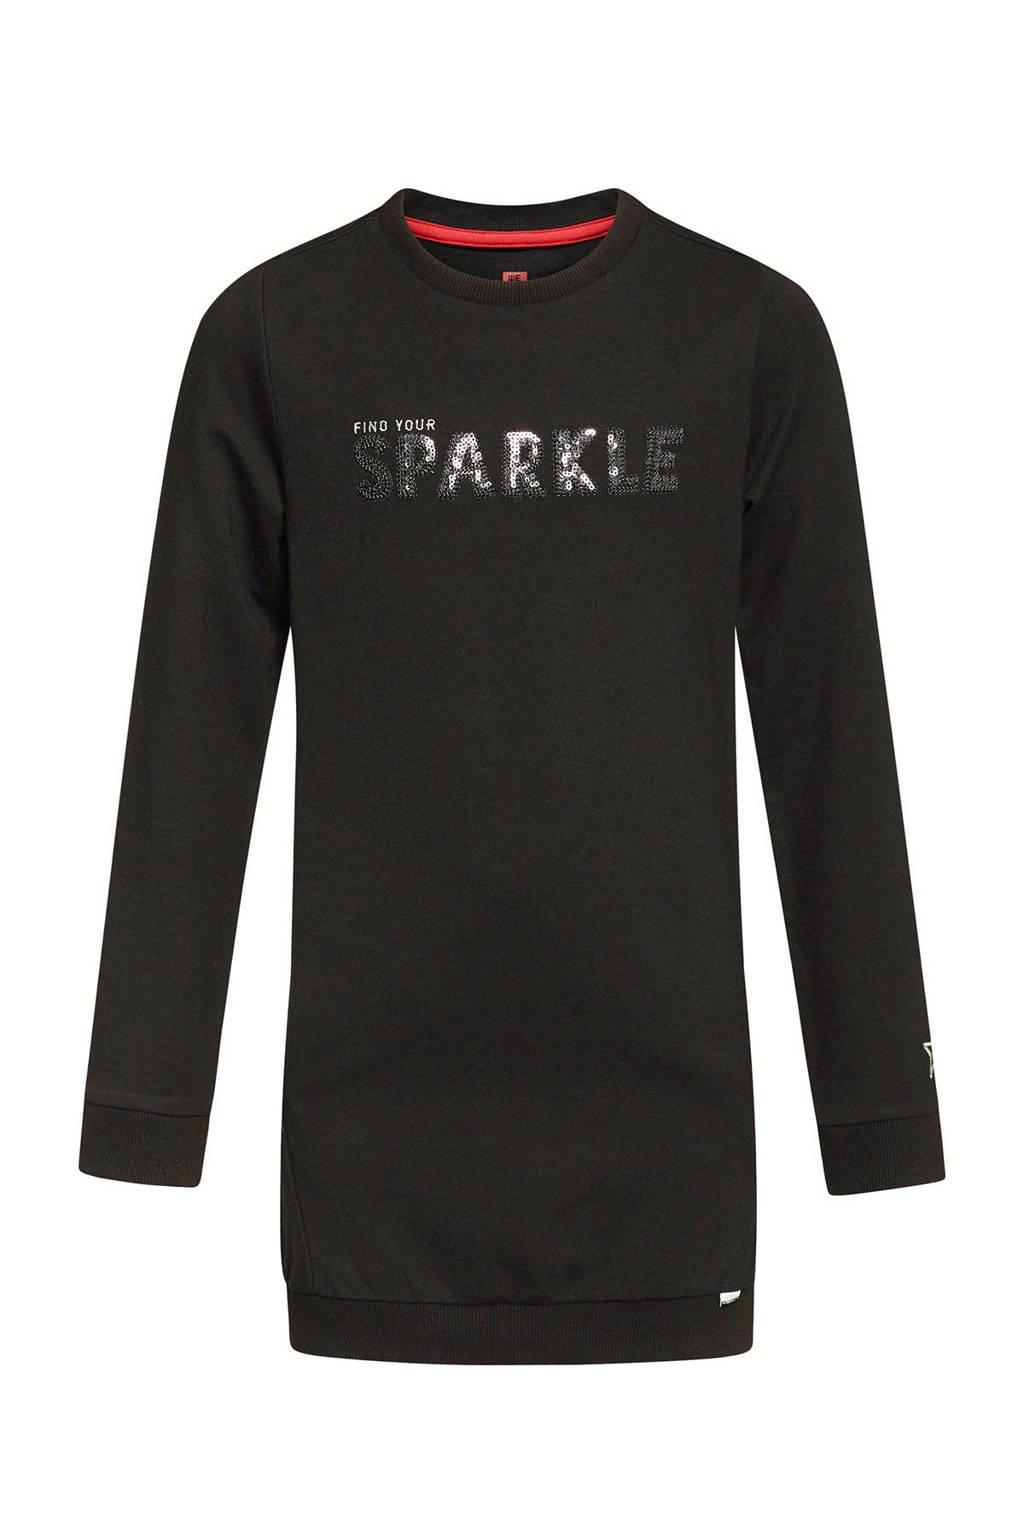 WE Fashion sweatjurk met tekst en pailletten zwart, Zwart